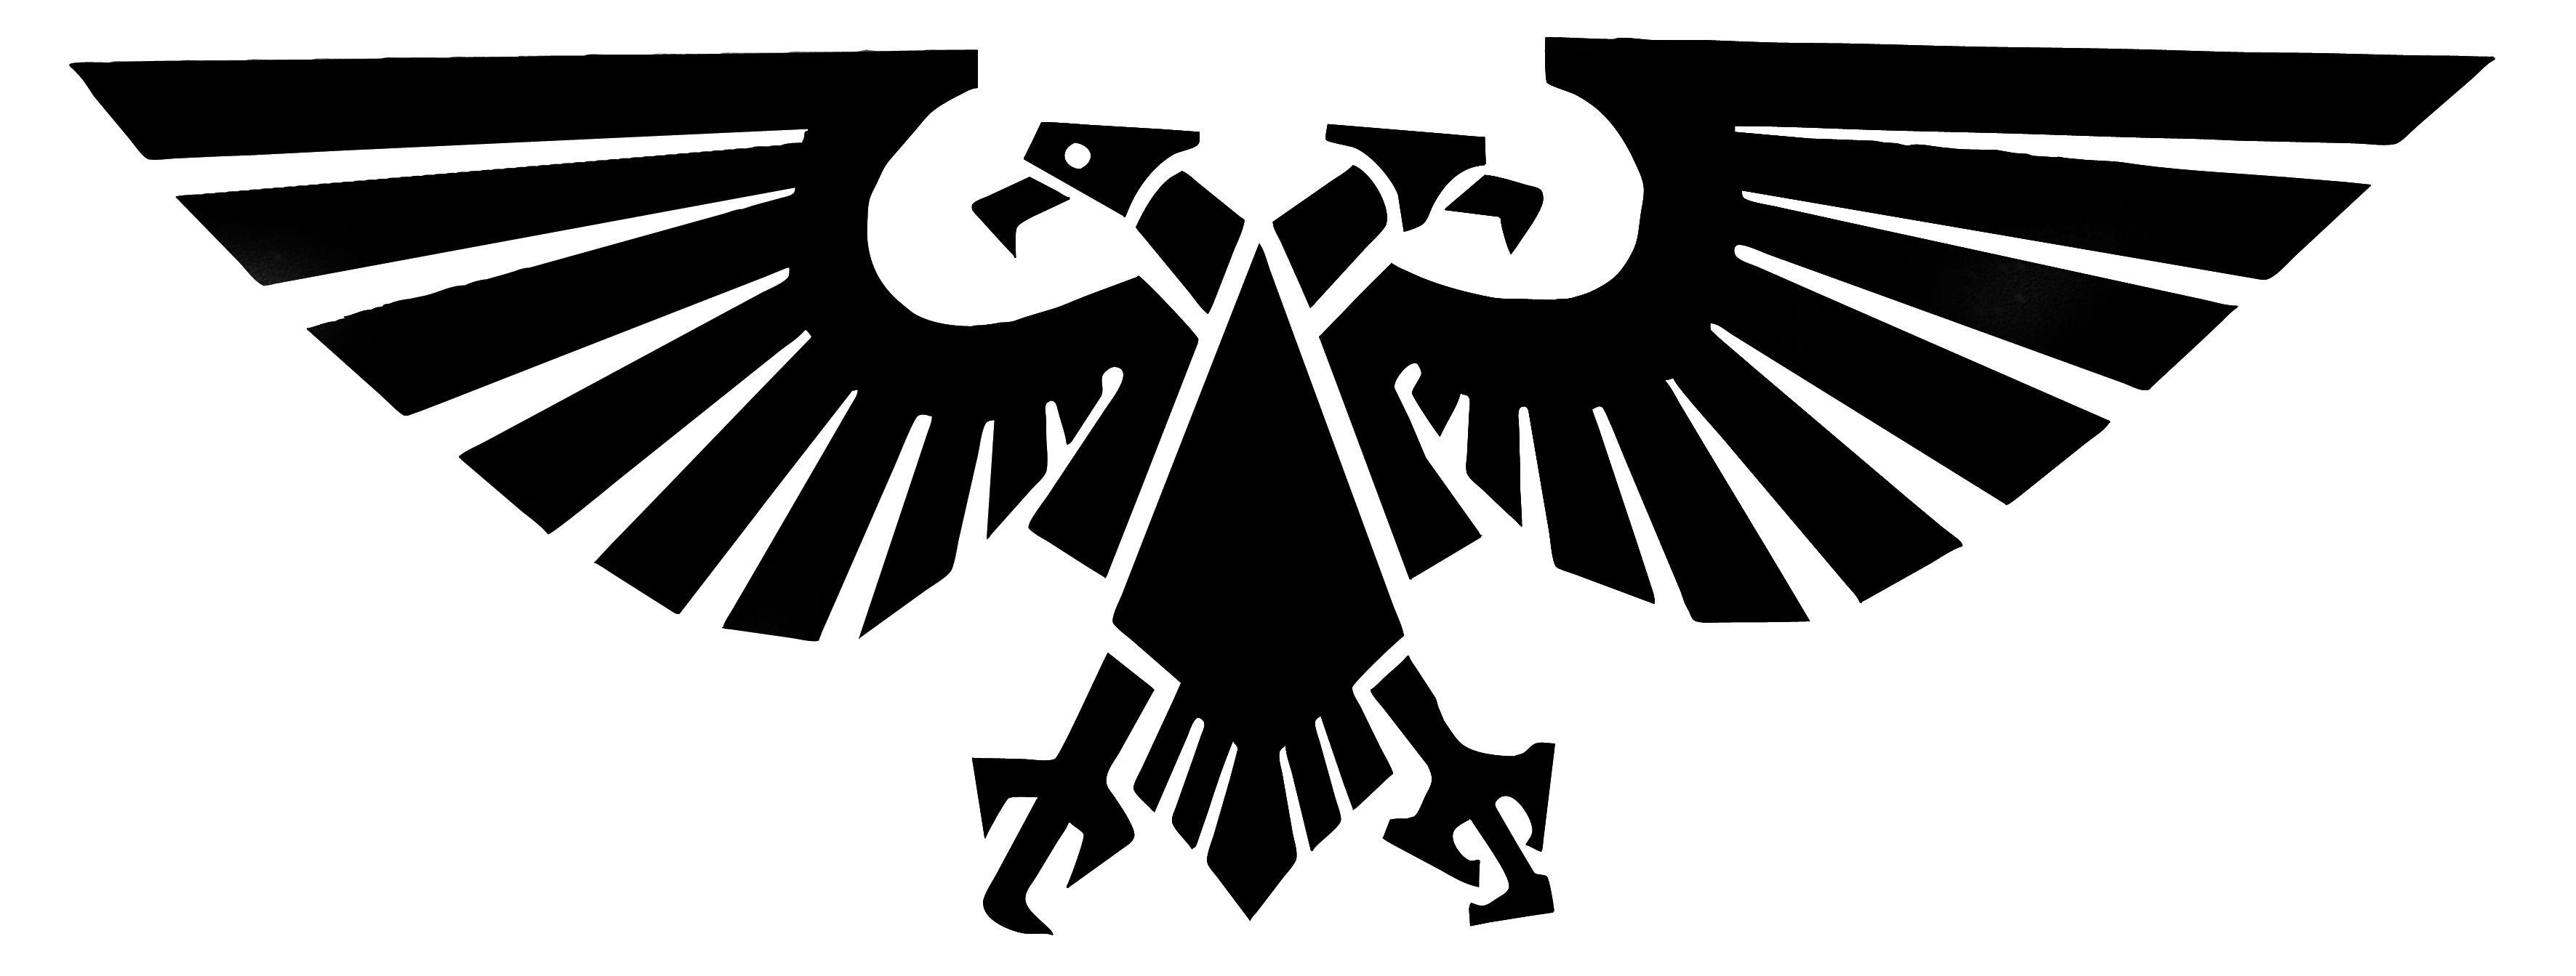 The Aquila Boevoj Molot Skandinavskie Tatuirovki Monogramma [ 1343 x 3543 Pixel ]